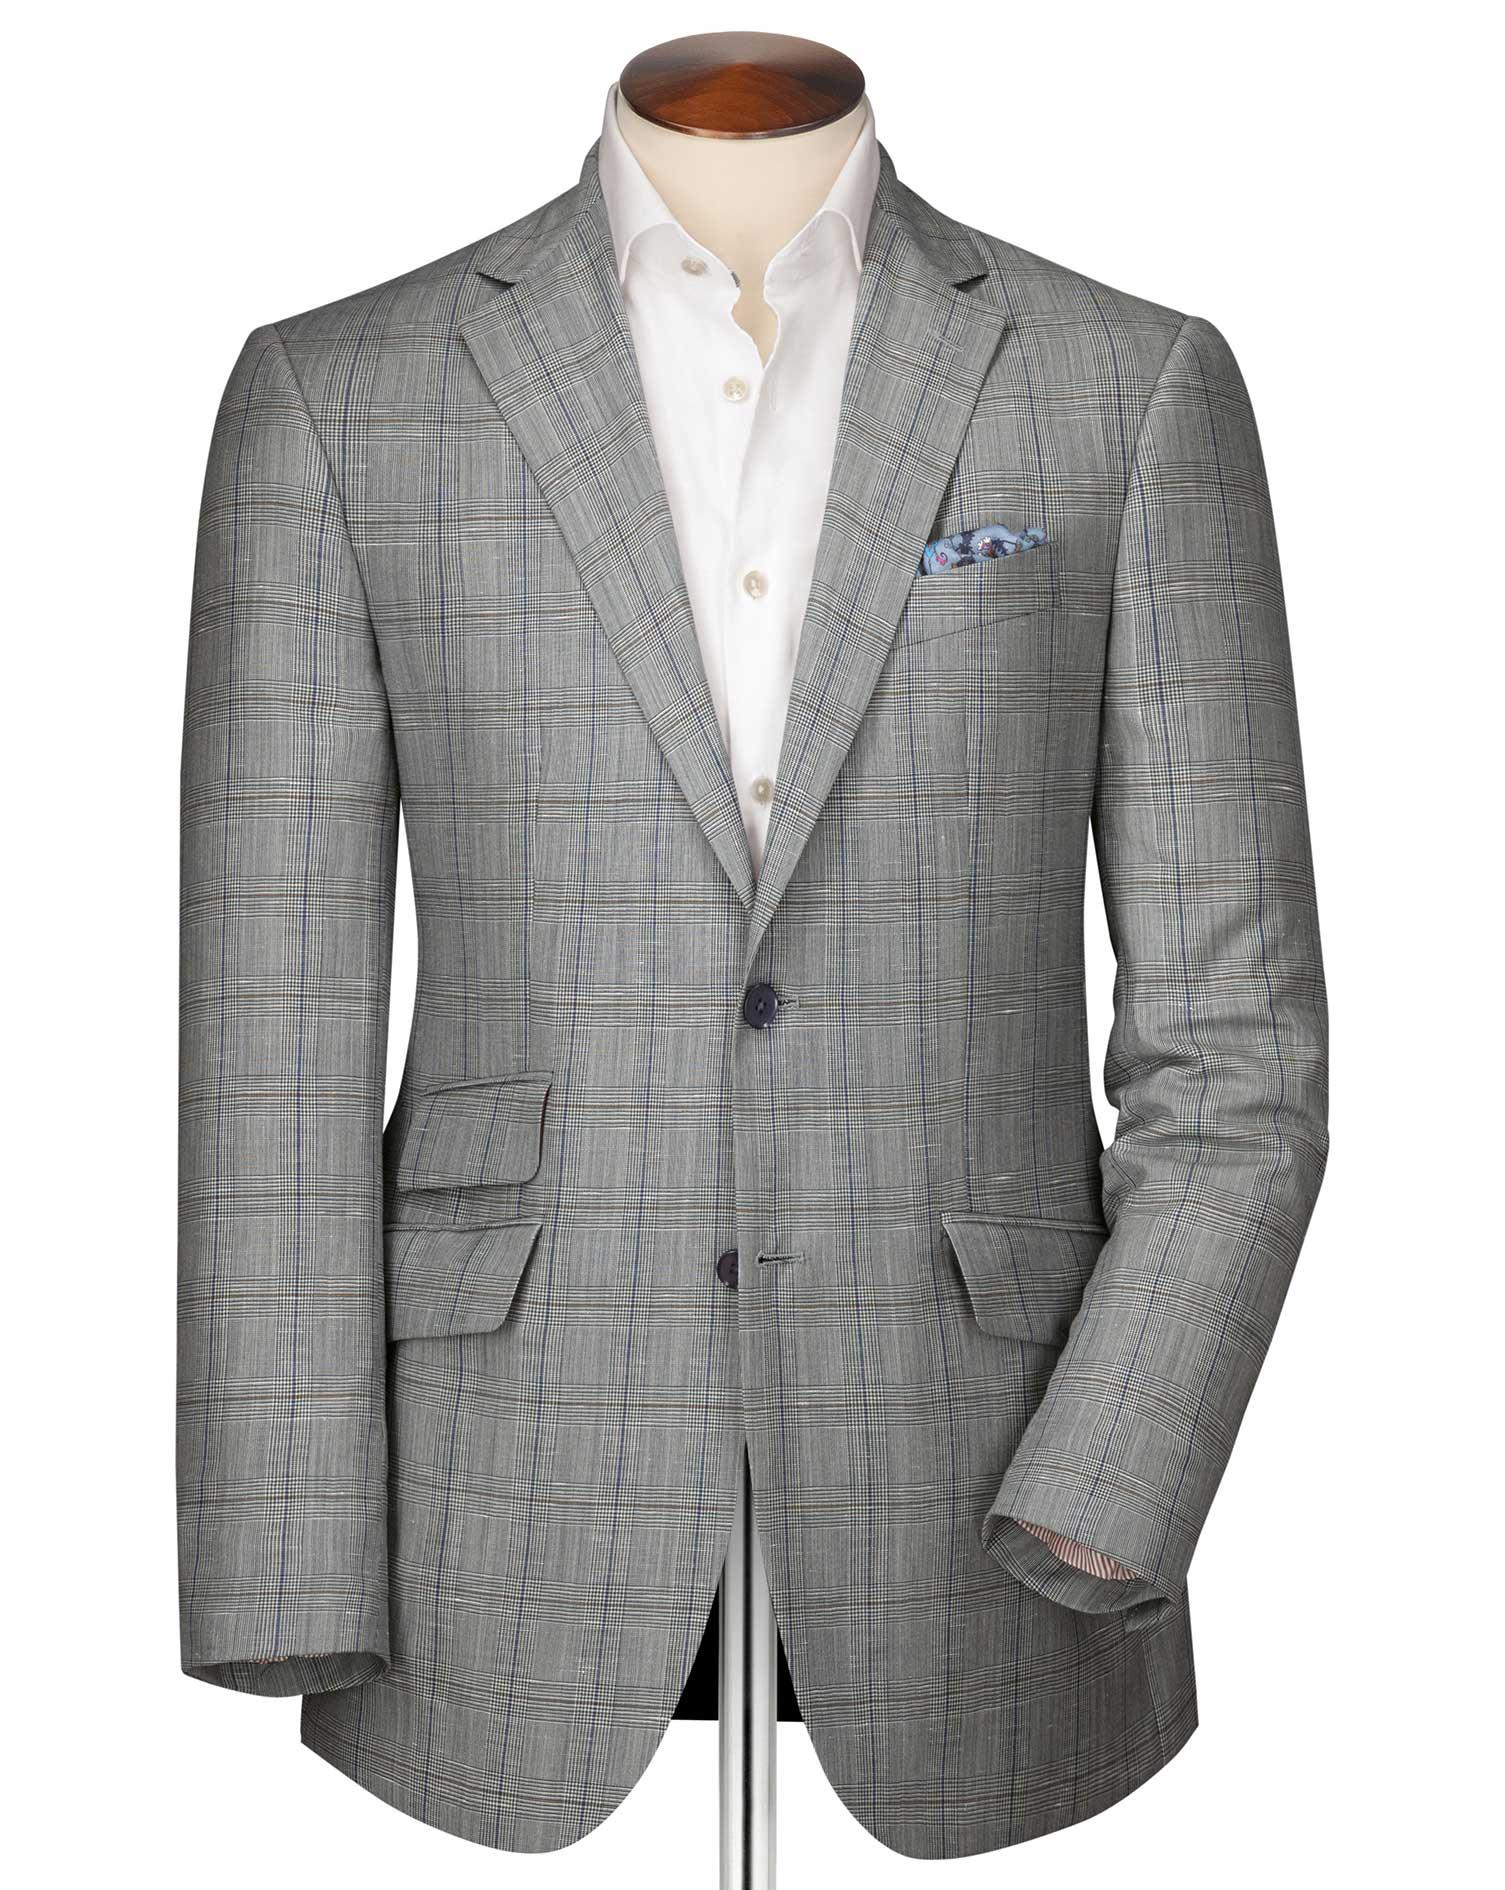 Slim Fit Blue Checkered Linen Mix Linen Jacket Size 36 Regular by Charles Tyrwhitt